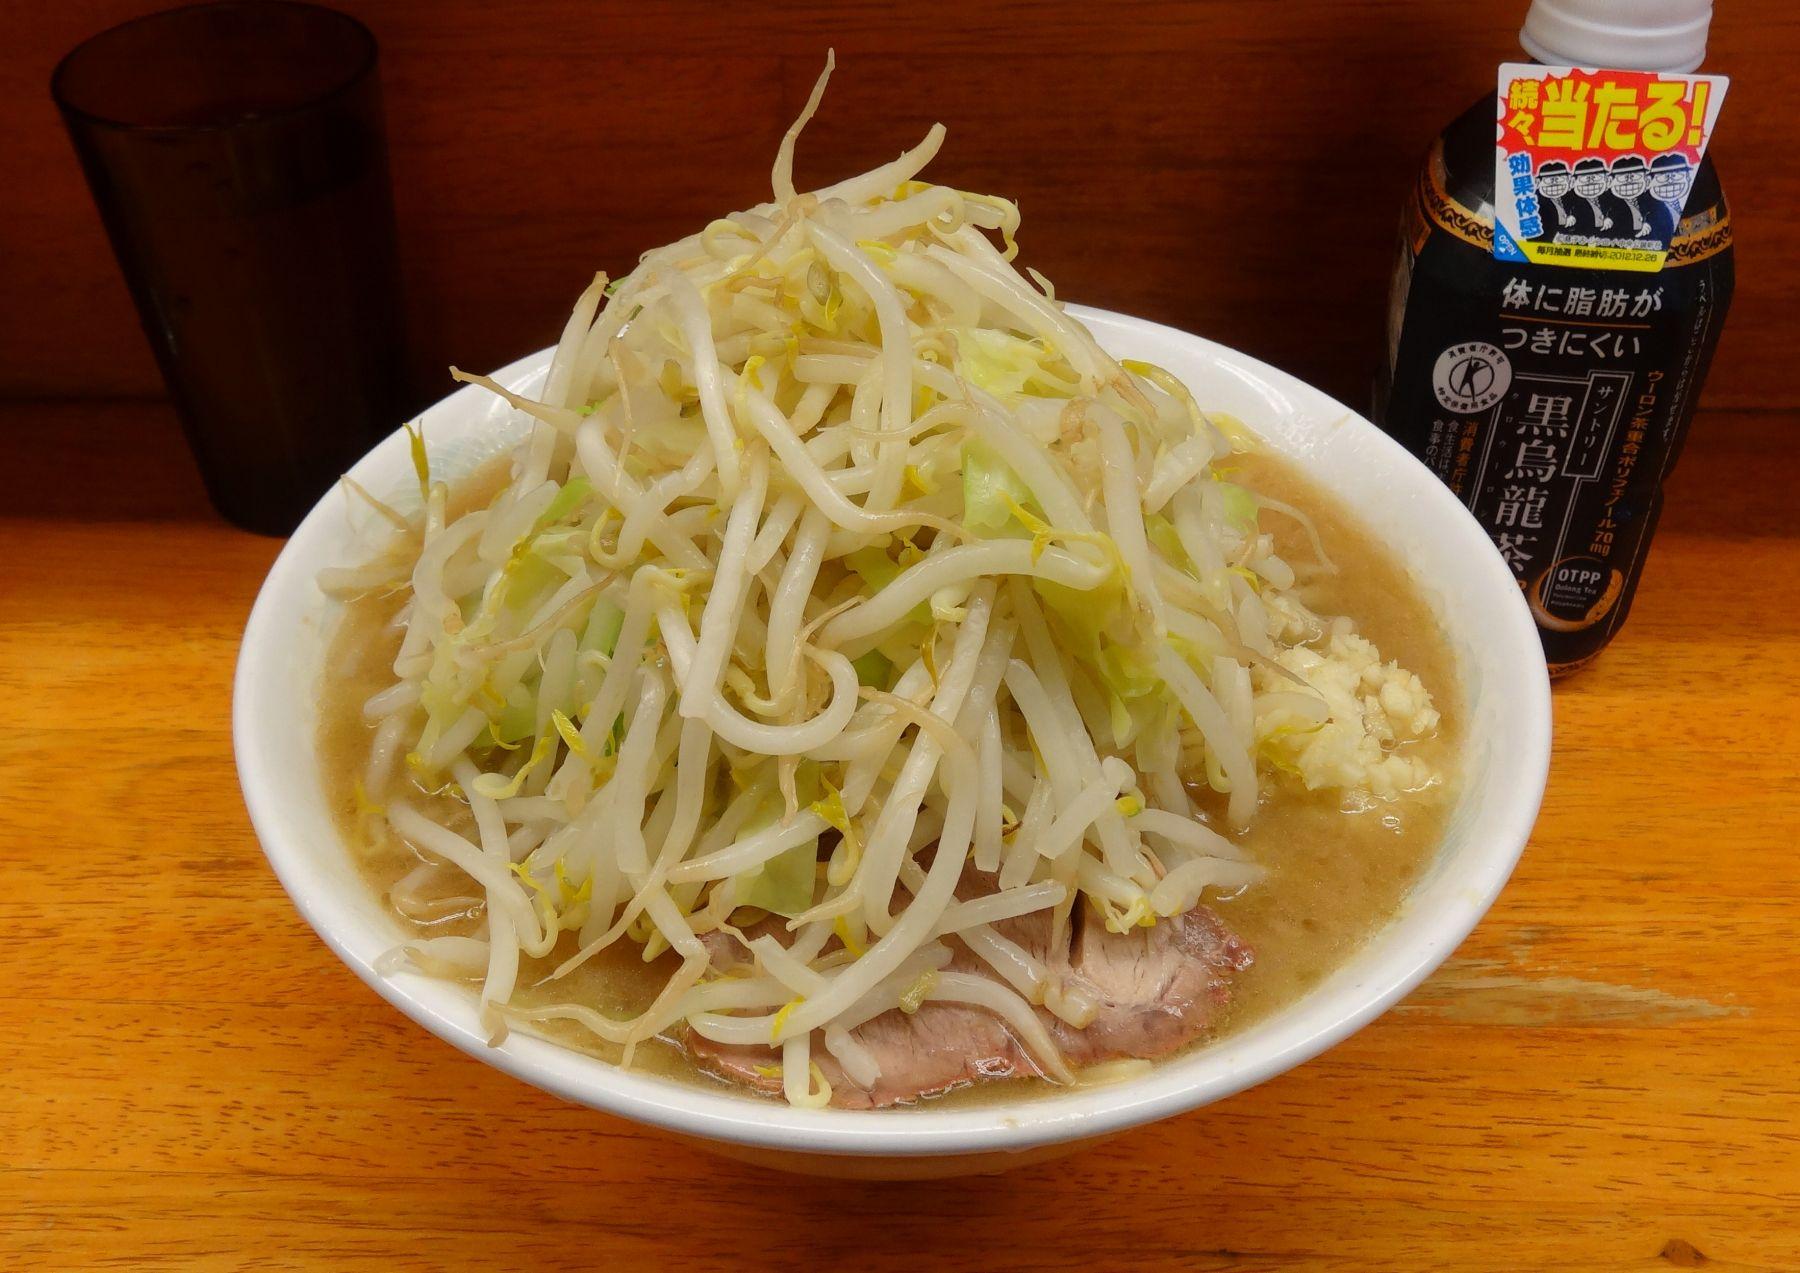 20121117008tachikawa.jpg